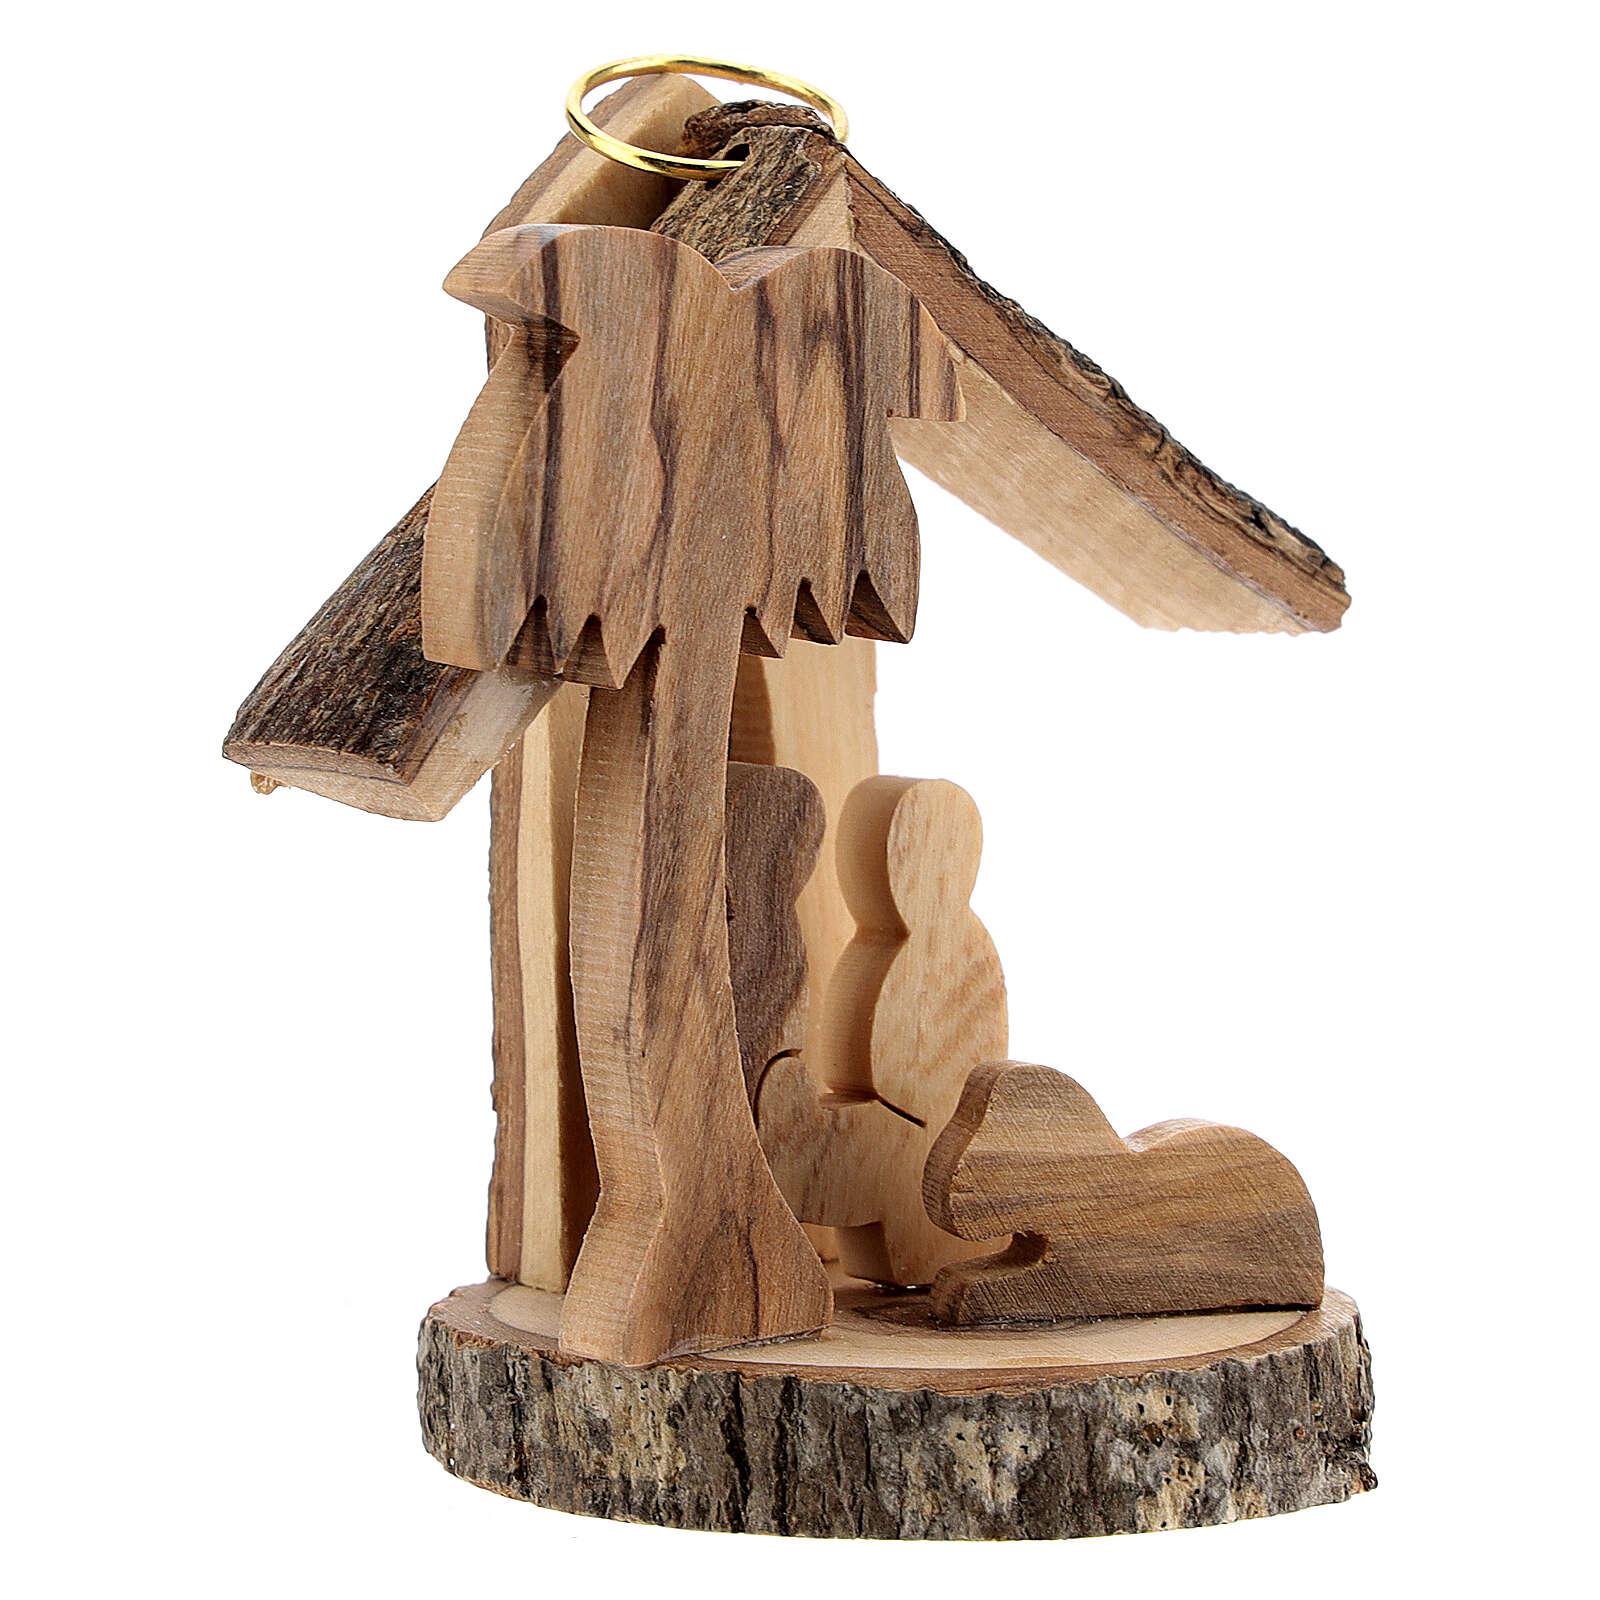 Addobbo albero legno ulivo Natività mini 6 cm 4